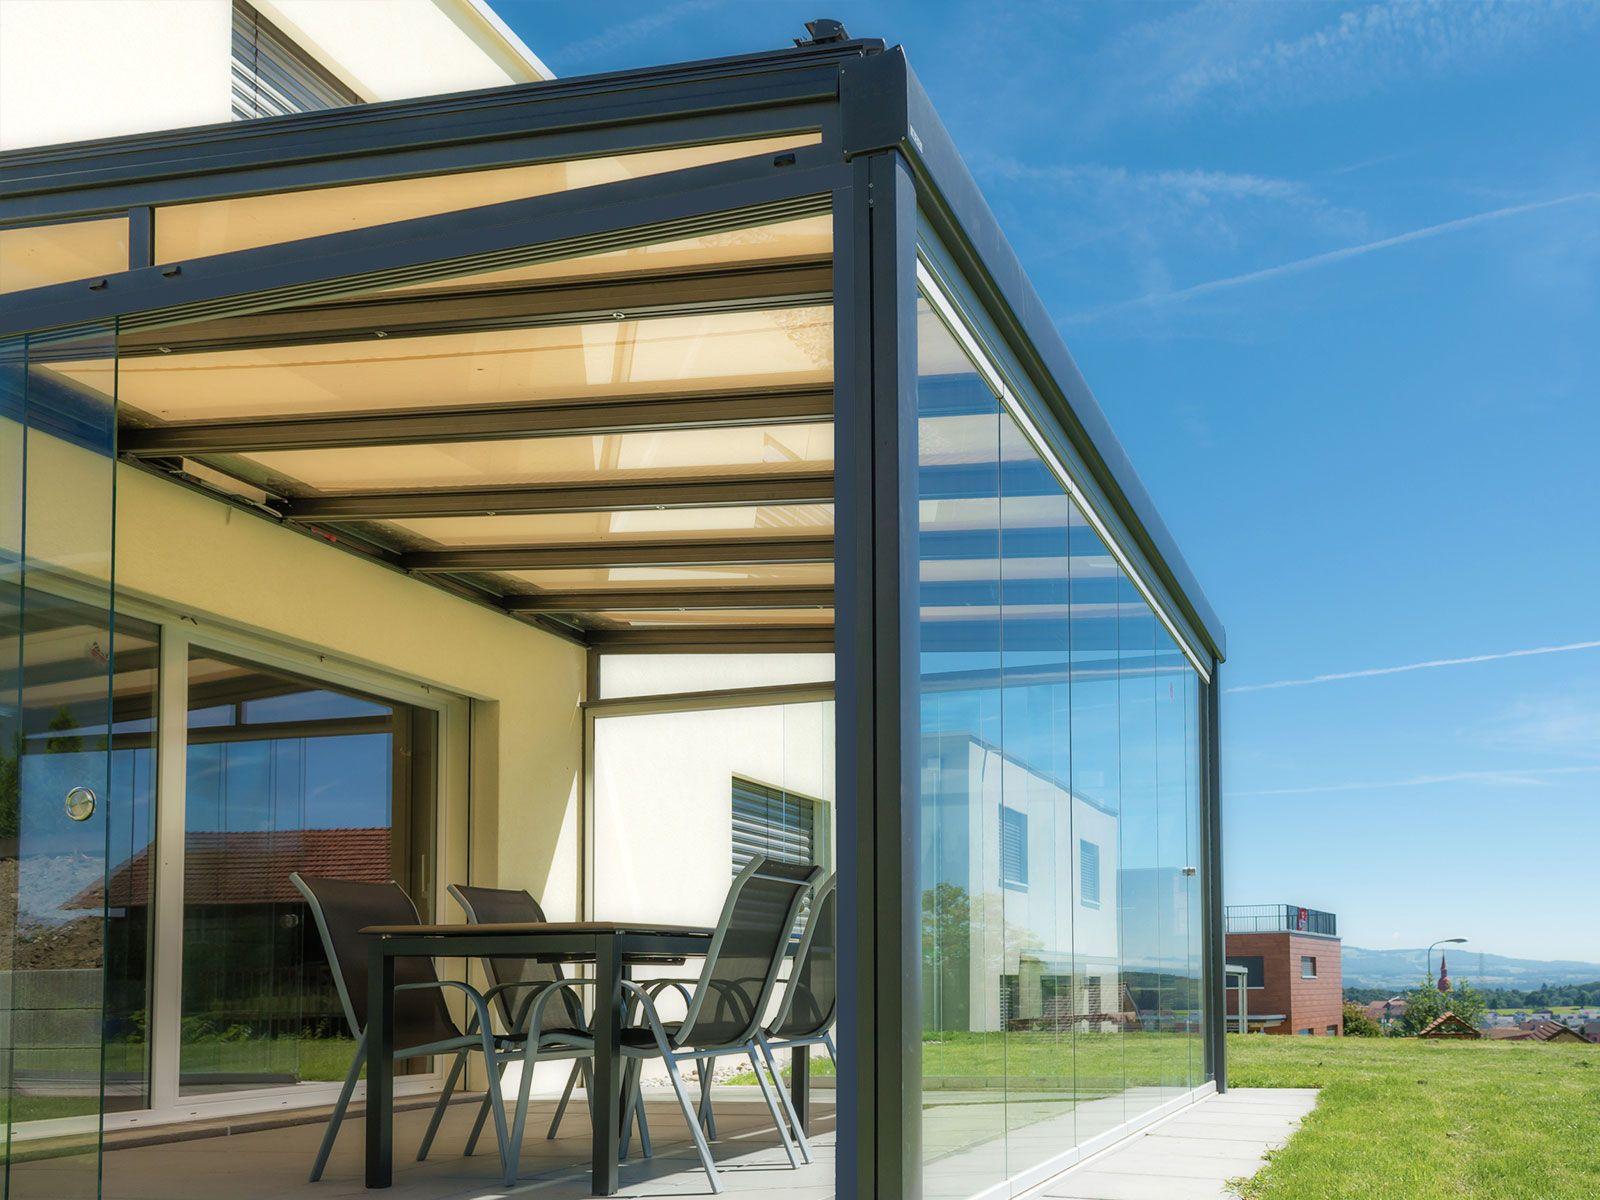 GanzglasSchiebeelemente Terrado Sichtschutz markise